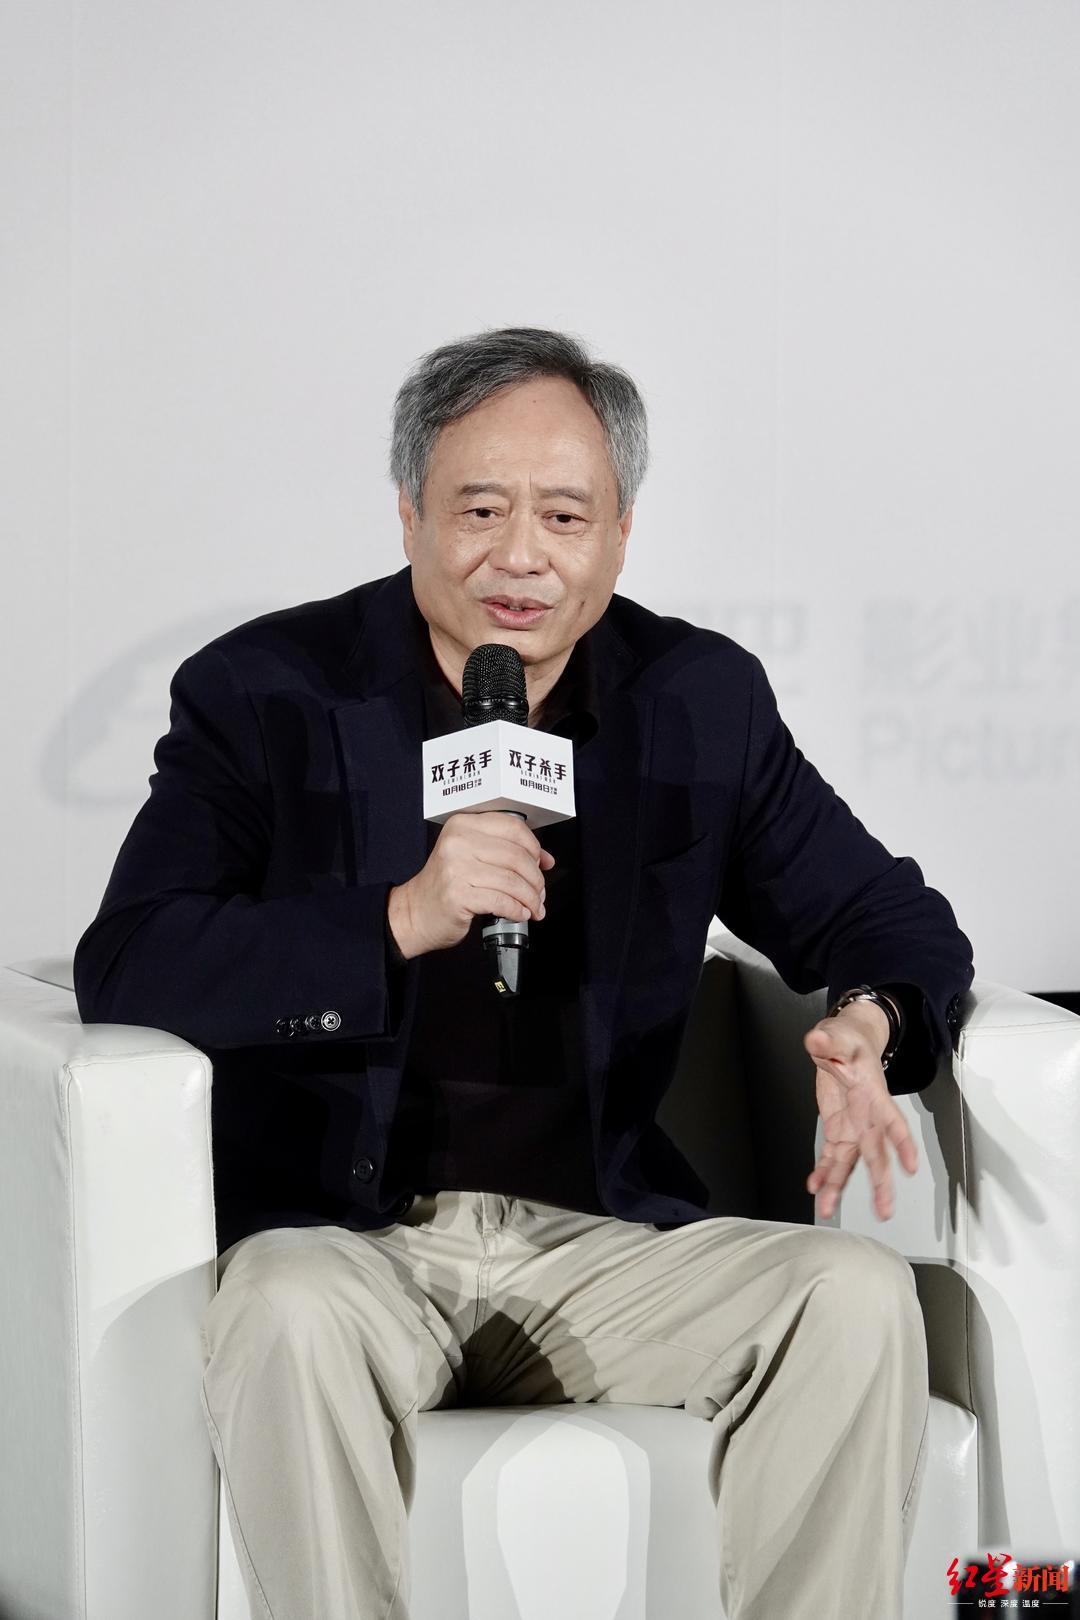 李安:如果拍喜剧,想合作的演员是黄渤